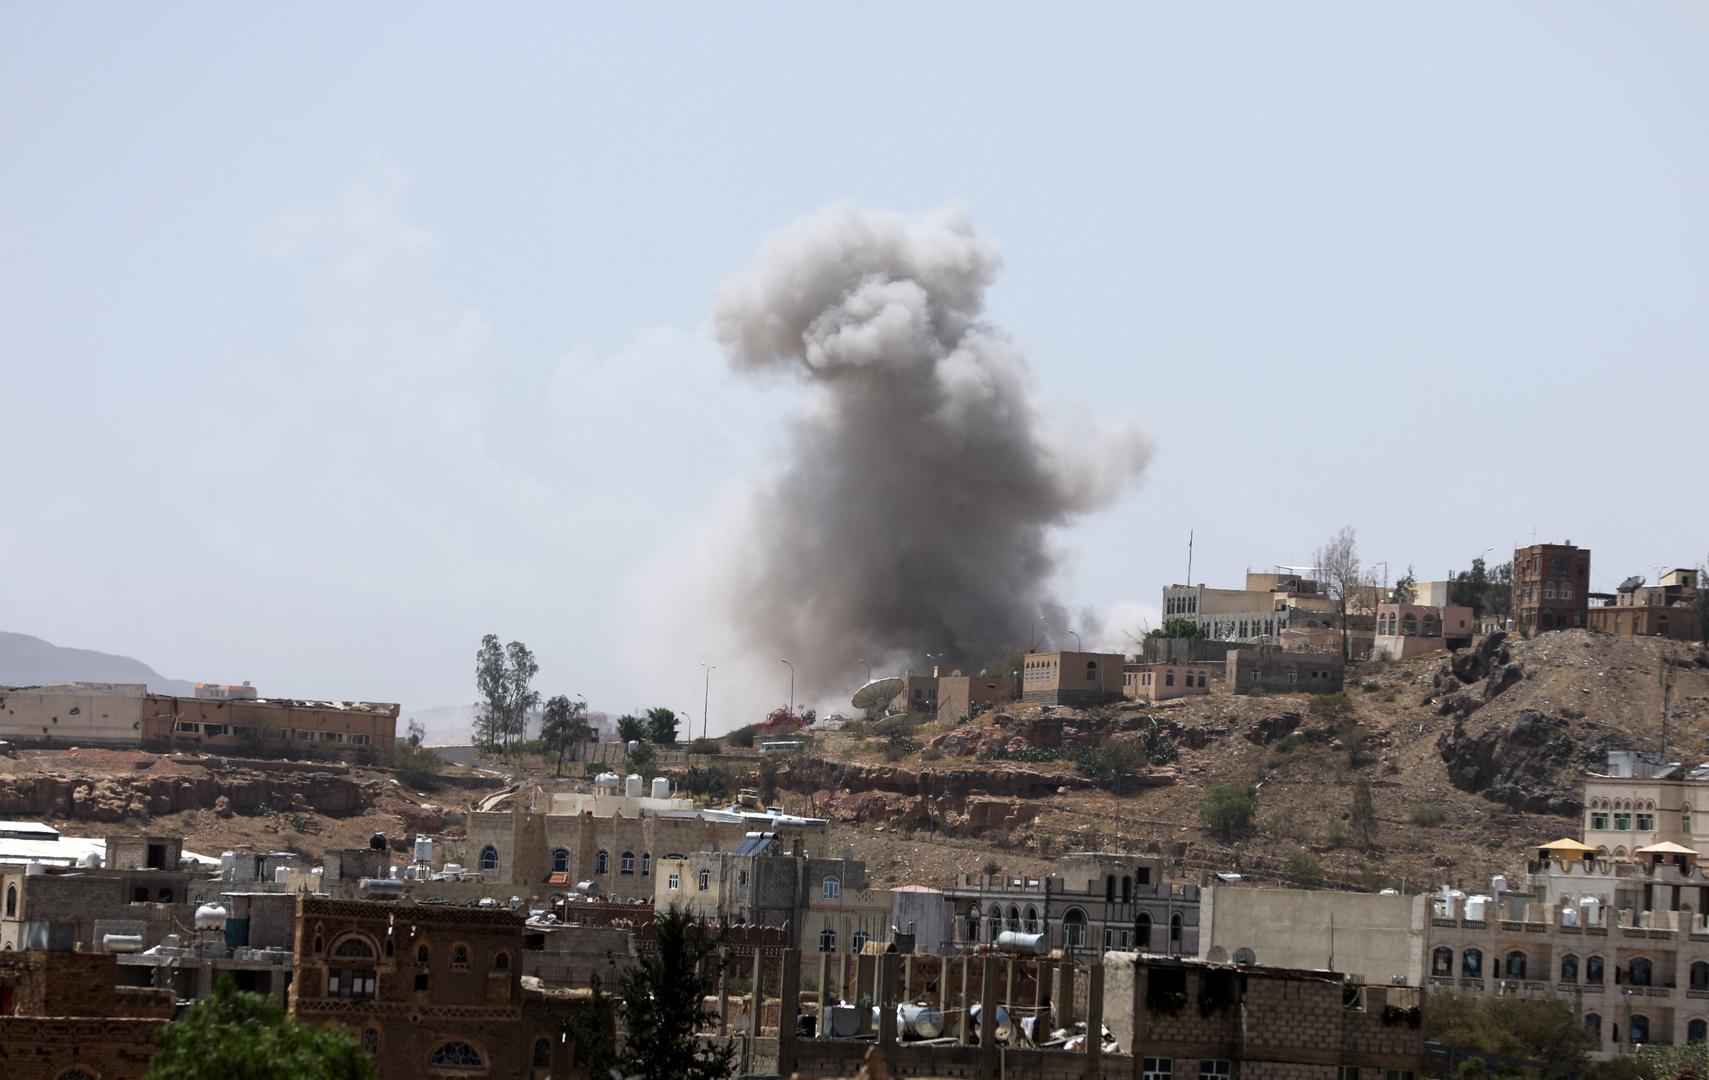 السعوديون أعلنوا هدنة في اليمن